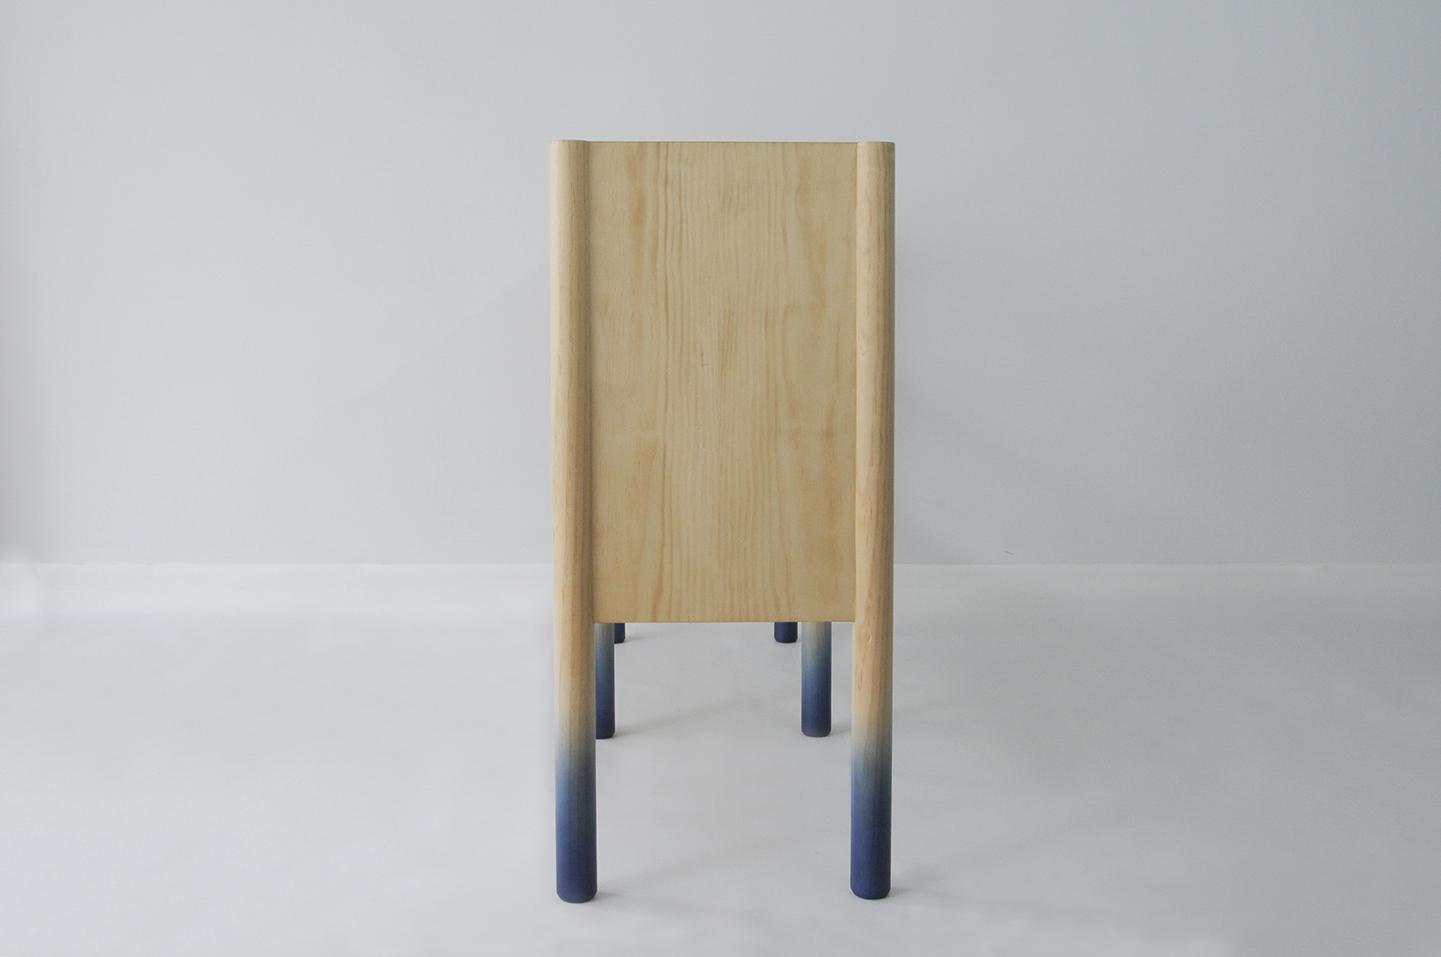 ESTANTE PRADO Shelf by Studio Prado for crafter.cl